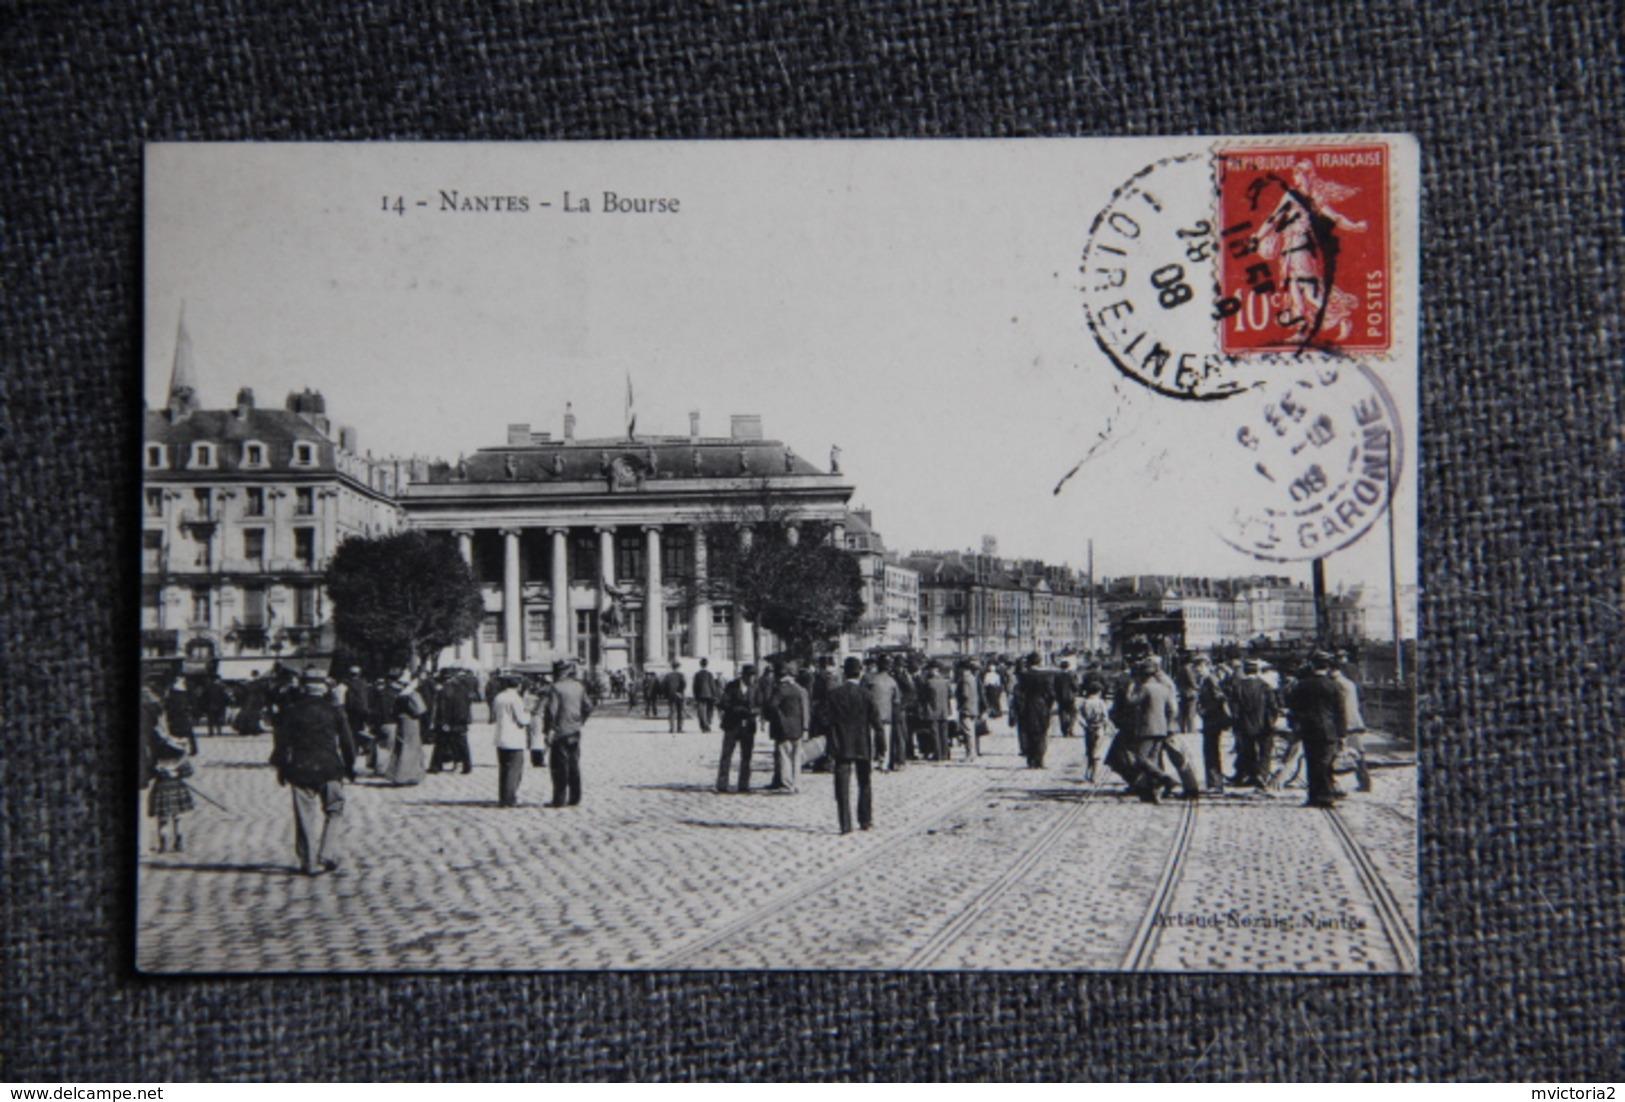 NANTES - La Bourse ( Tramway) - Nantes